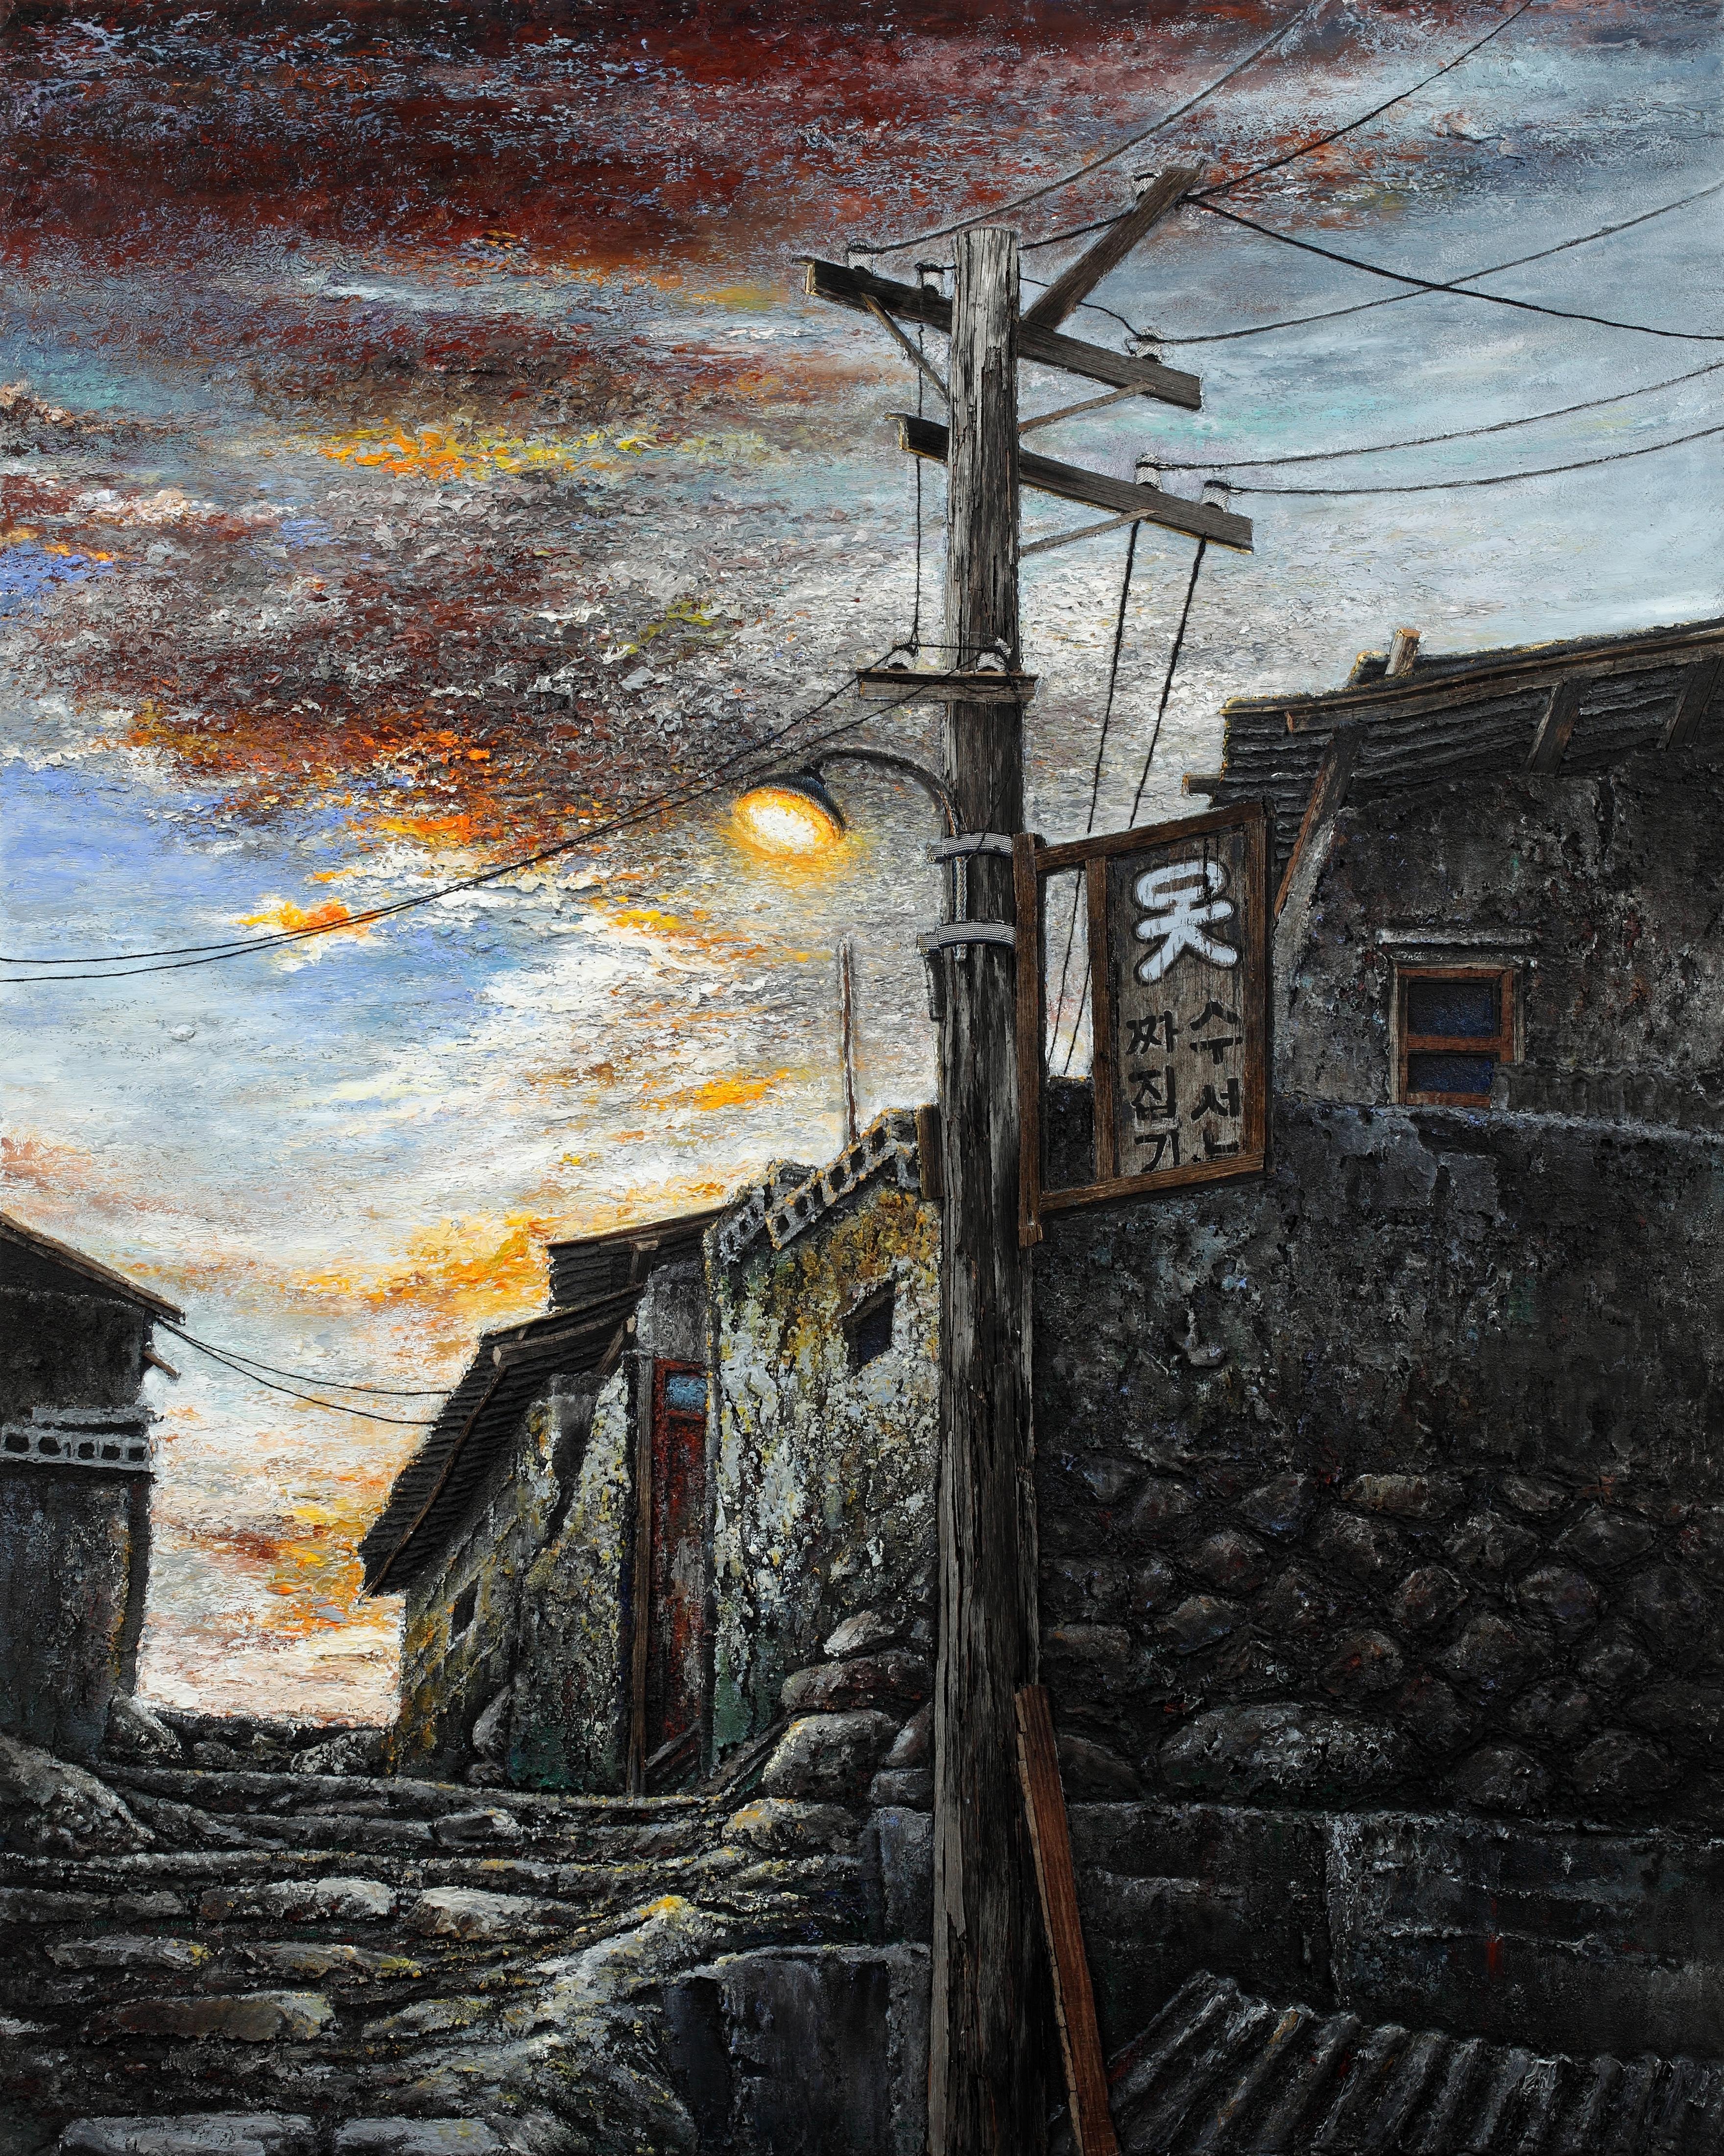 2-1. 나무전봇대, 80x100cm, mixed media oldwood on canvas, 2011